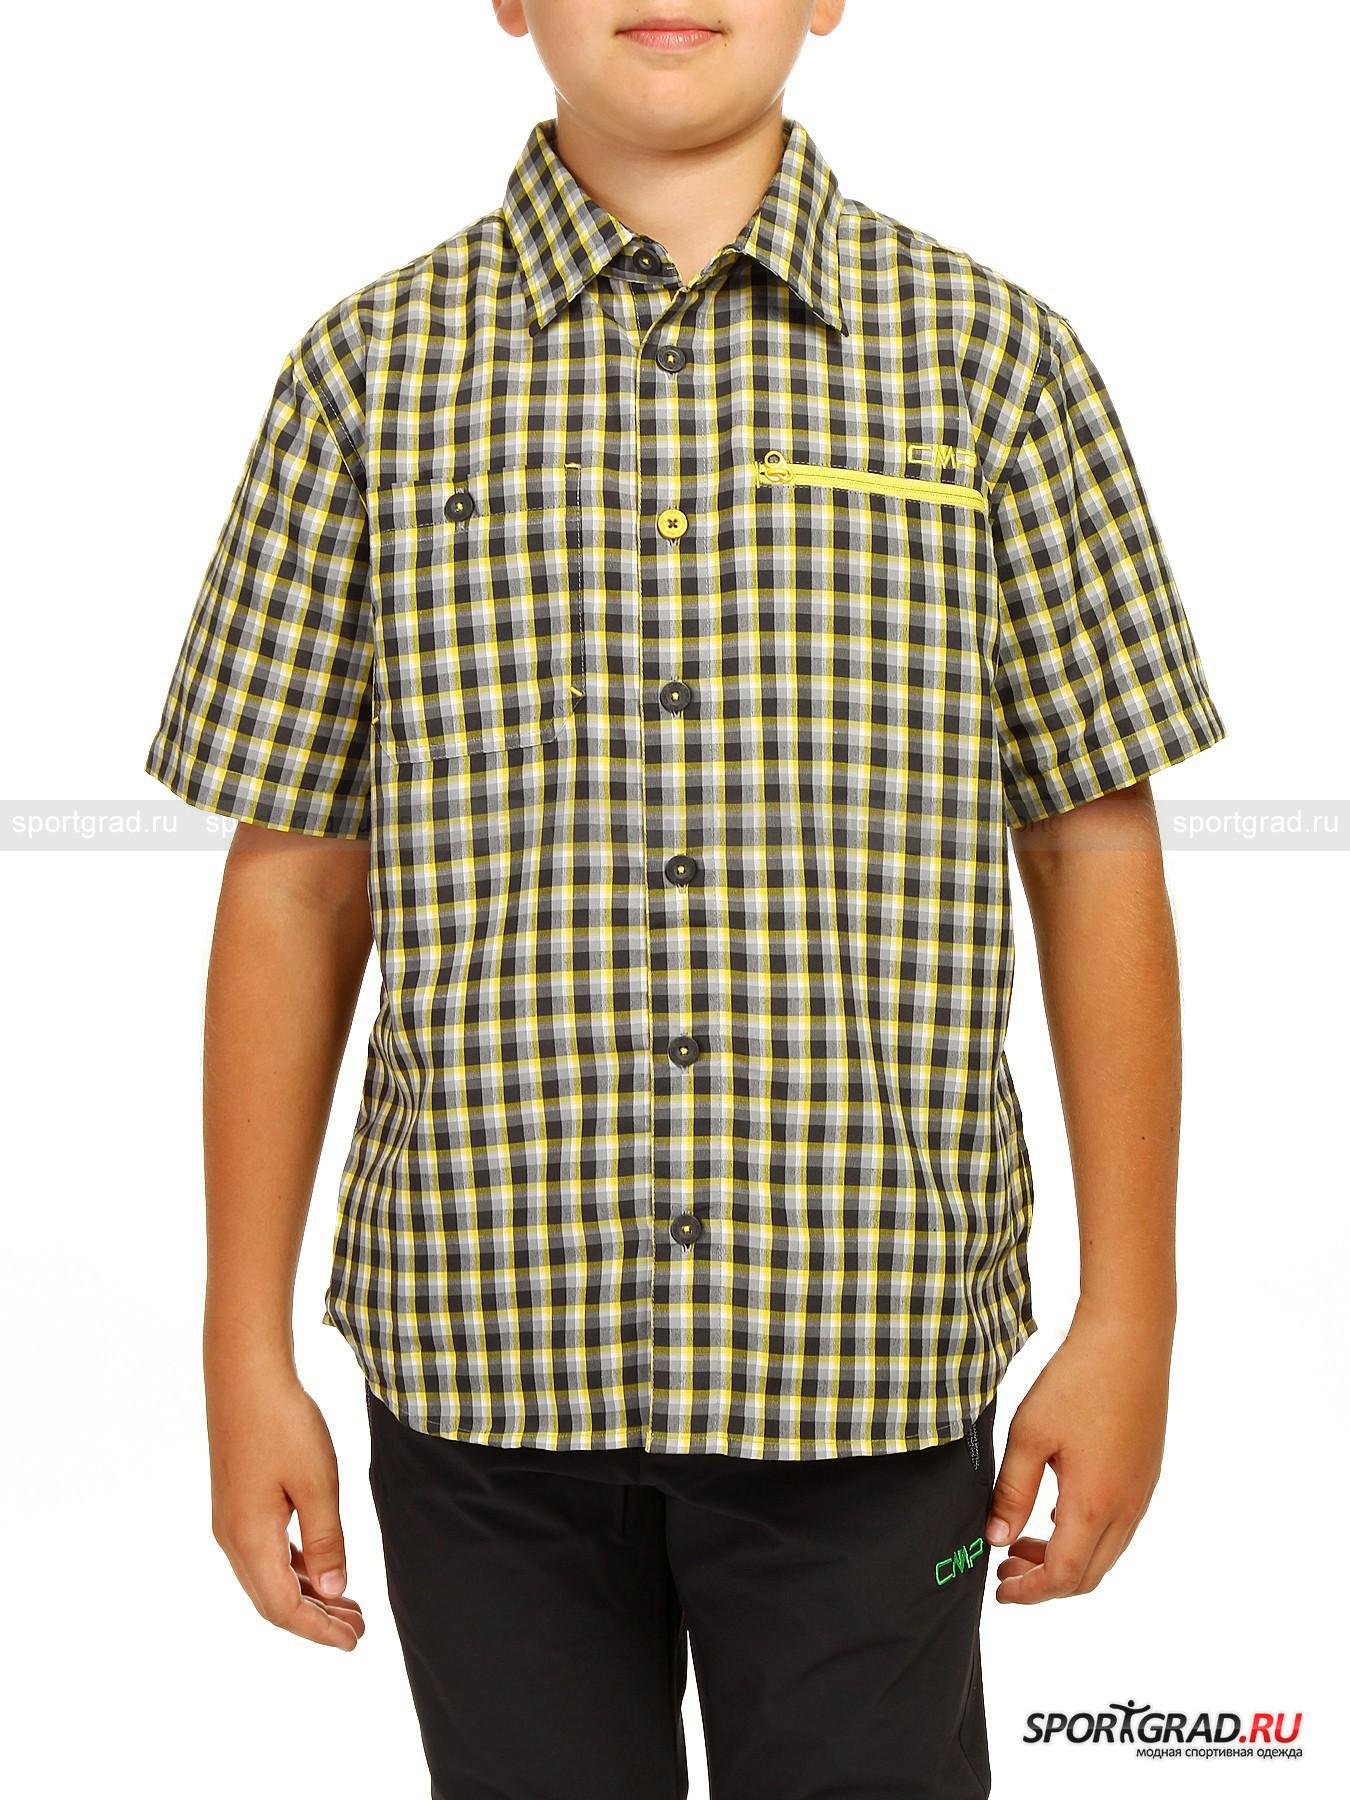 Рубашка для мальчиков SHIRT CAMPAGNOLO